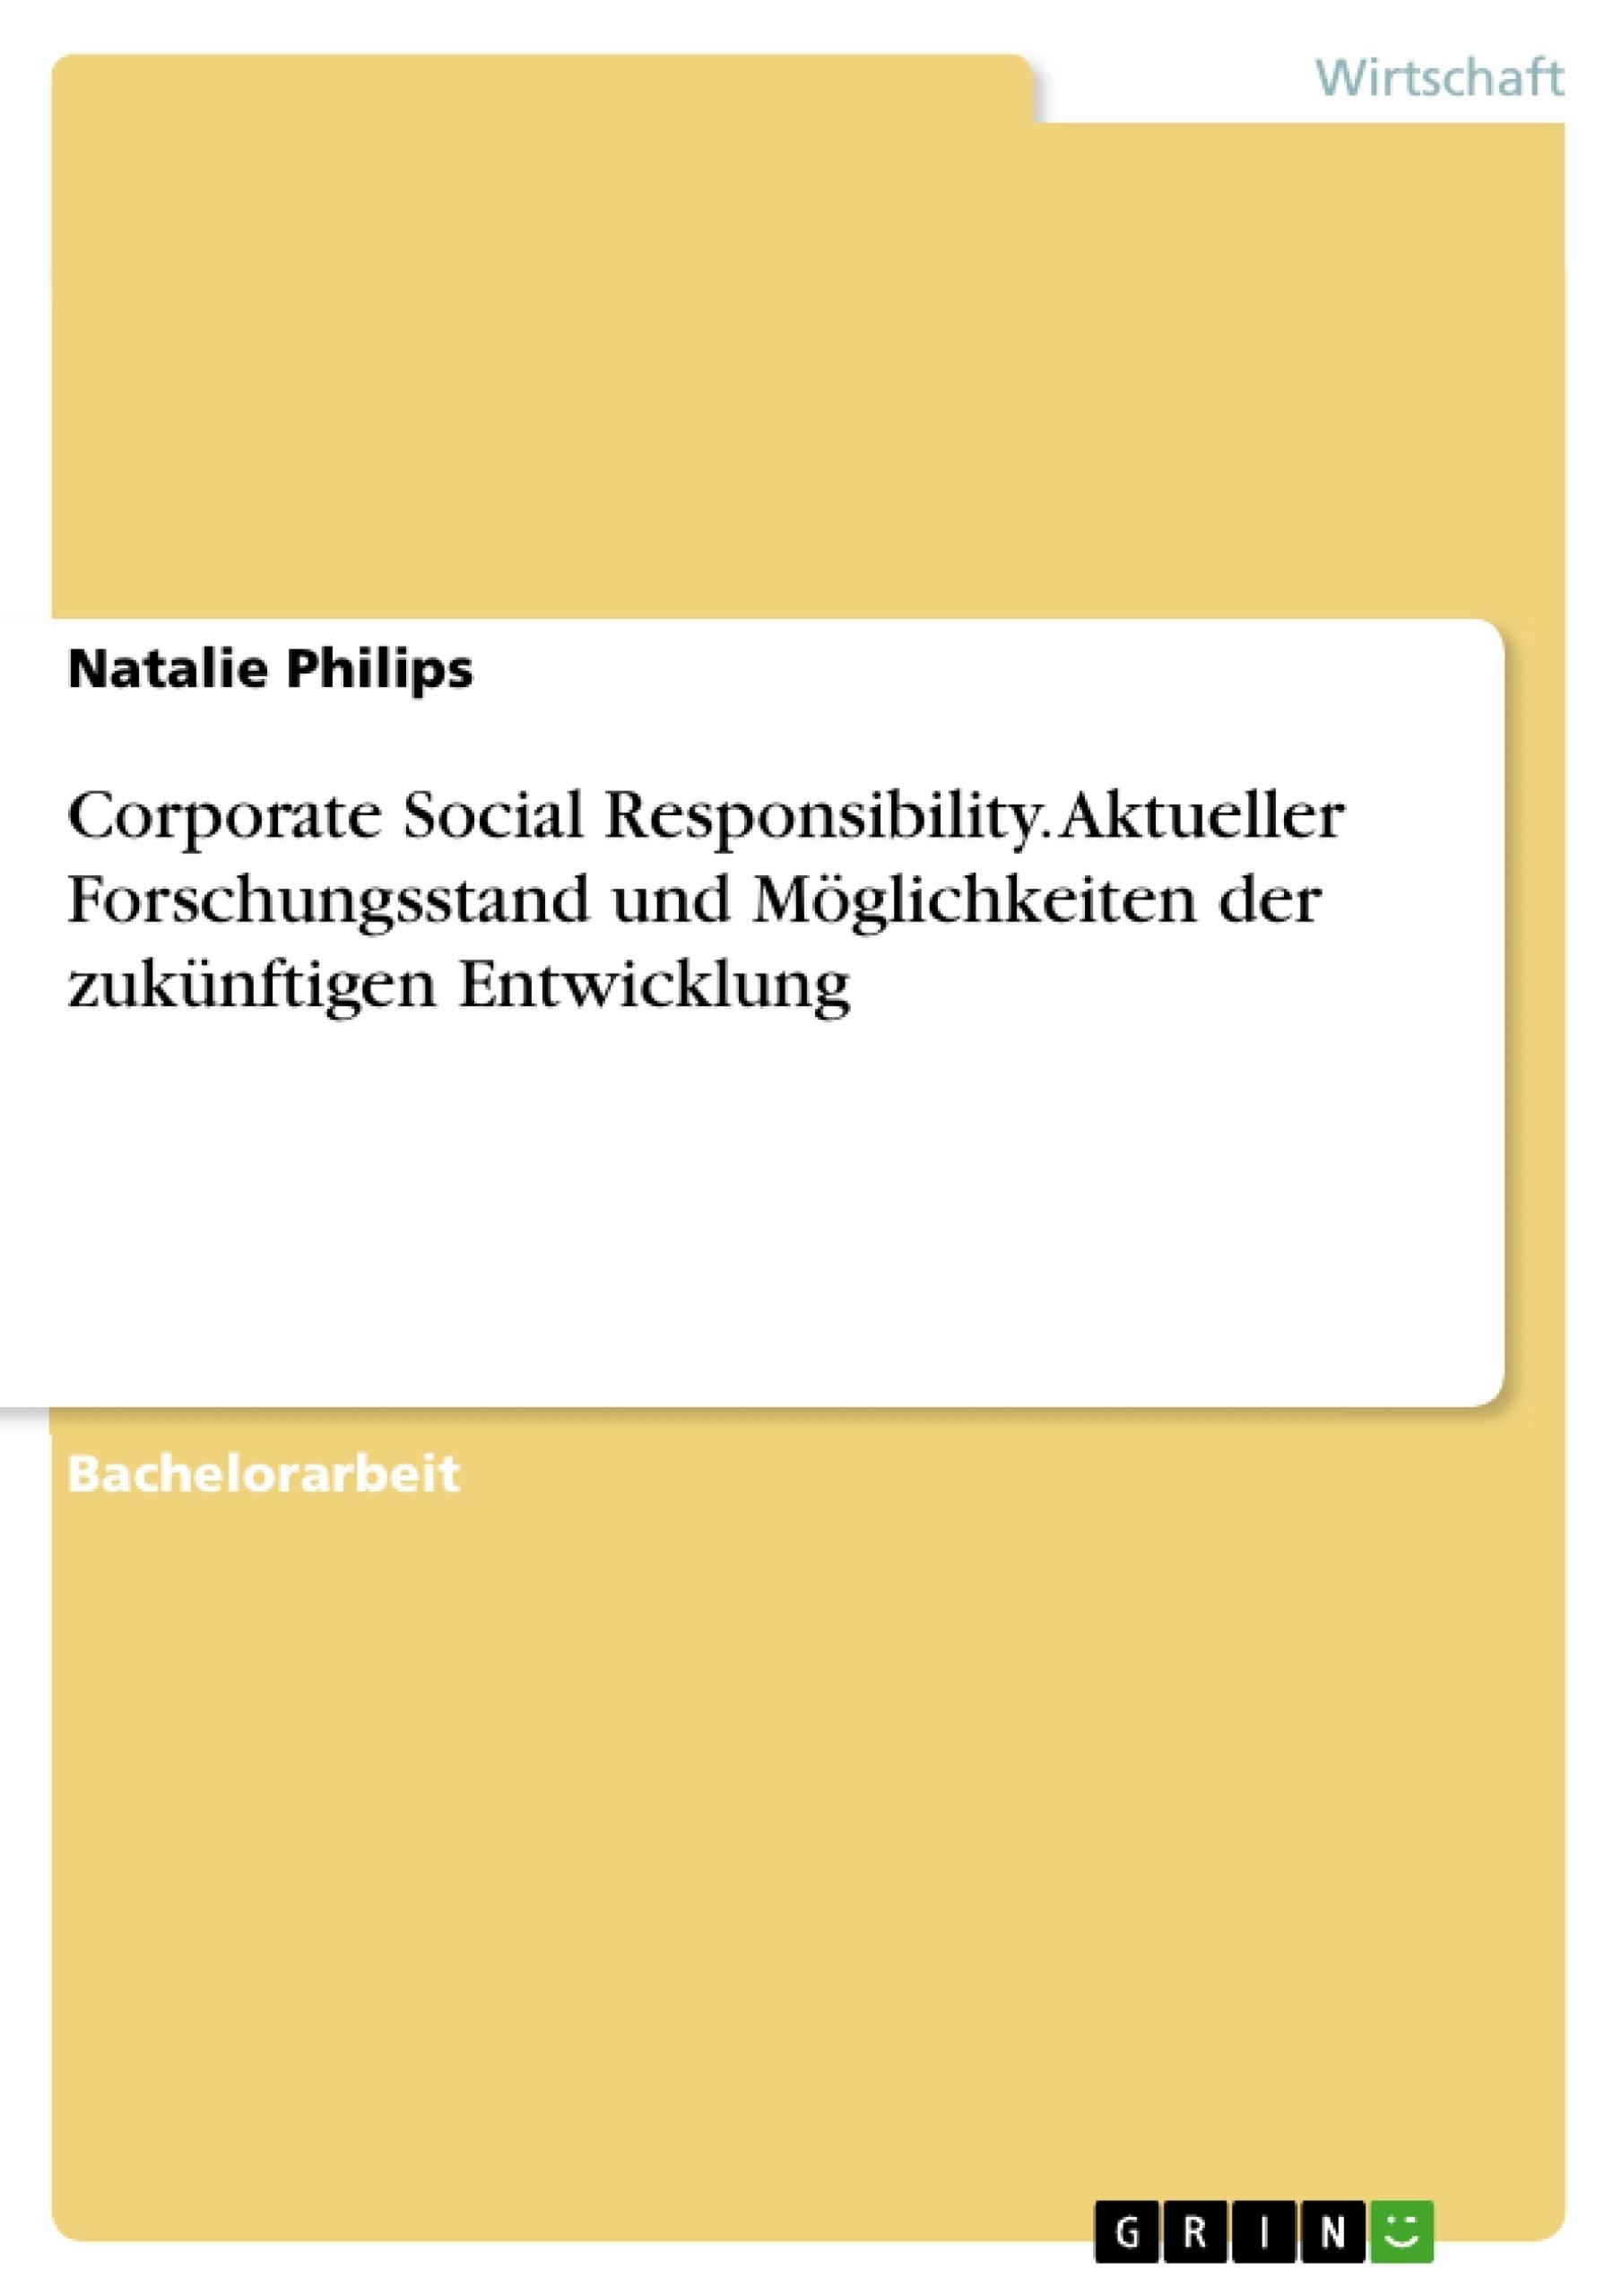 Titel: Corporate Social Responsibility. Aktueller Forschungsstand und Möglichkeiten der zukünftigen Entwicklung